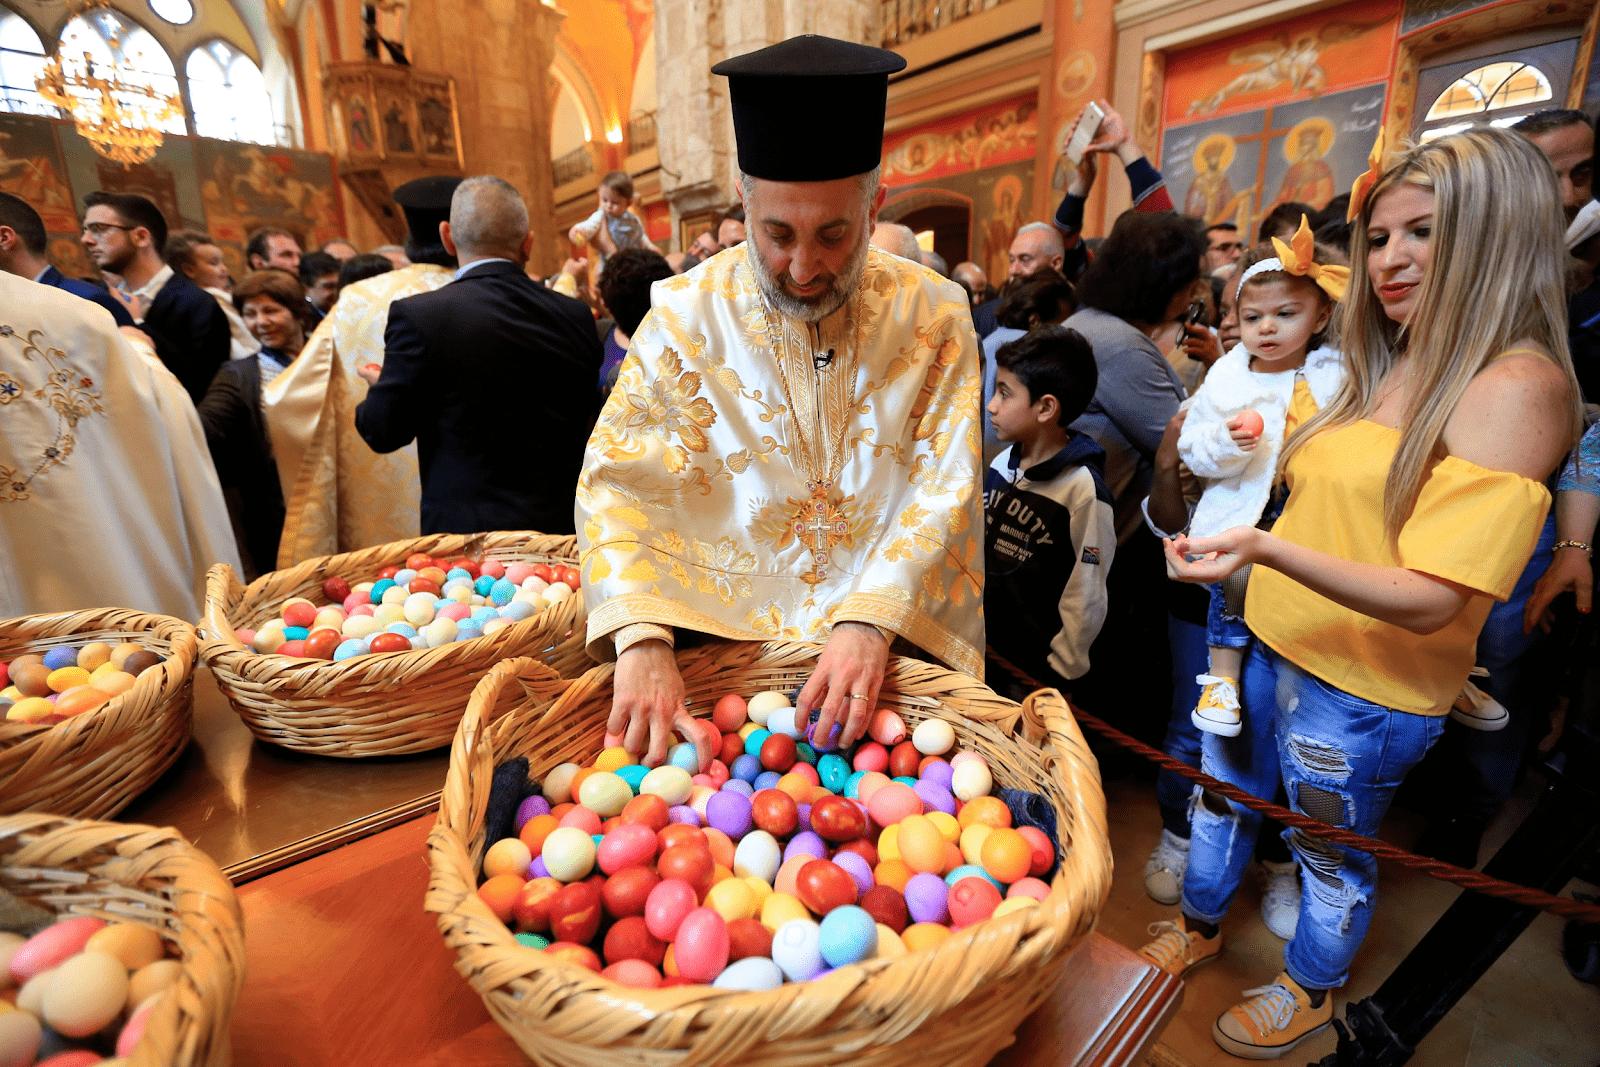 католики и евреи празднуют Пасху